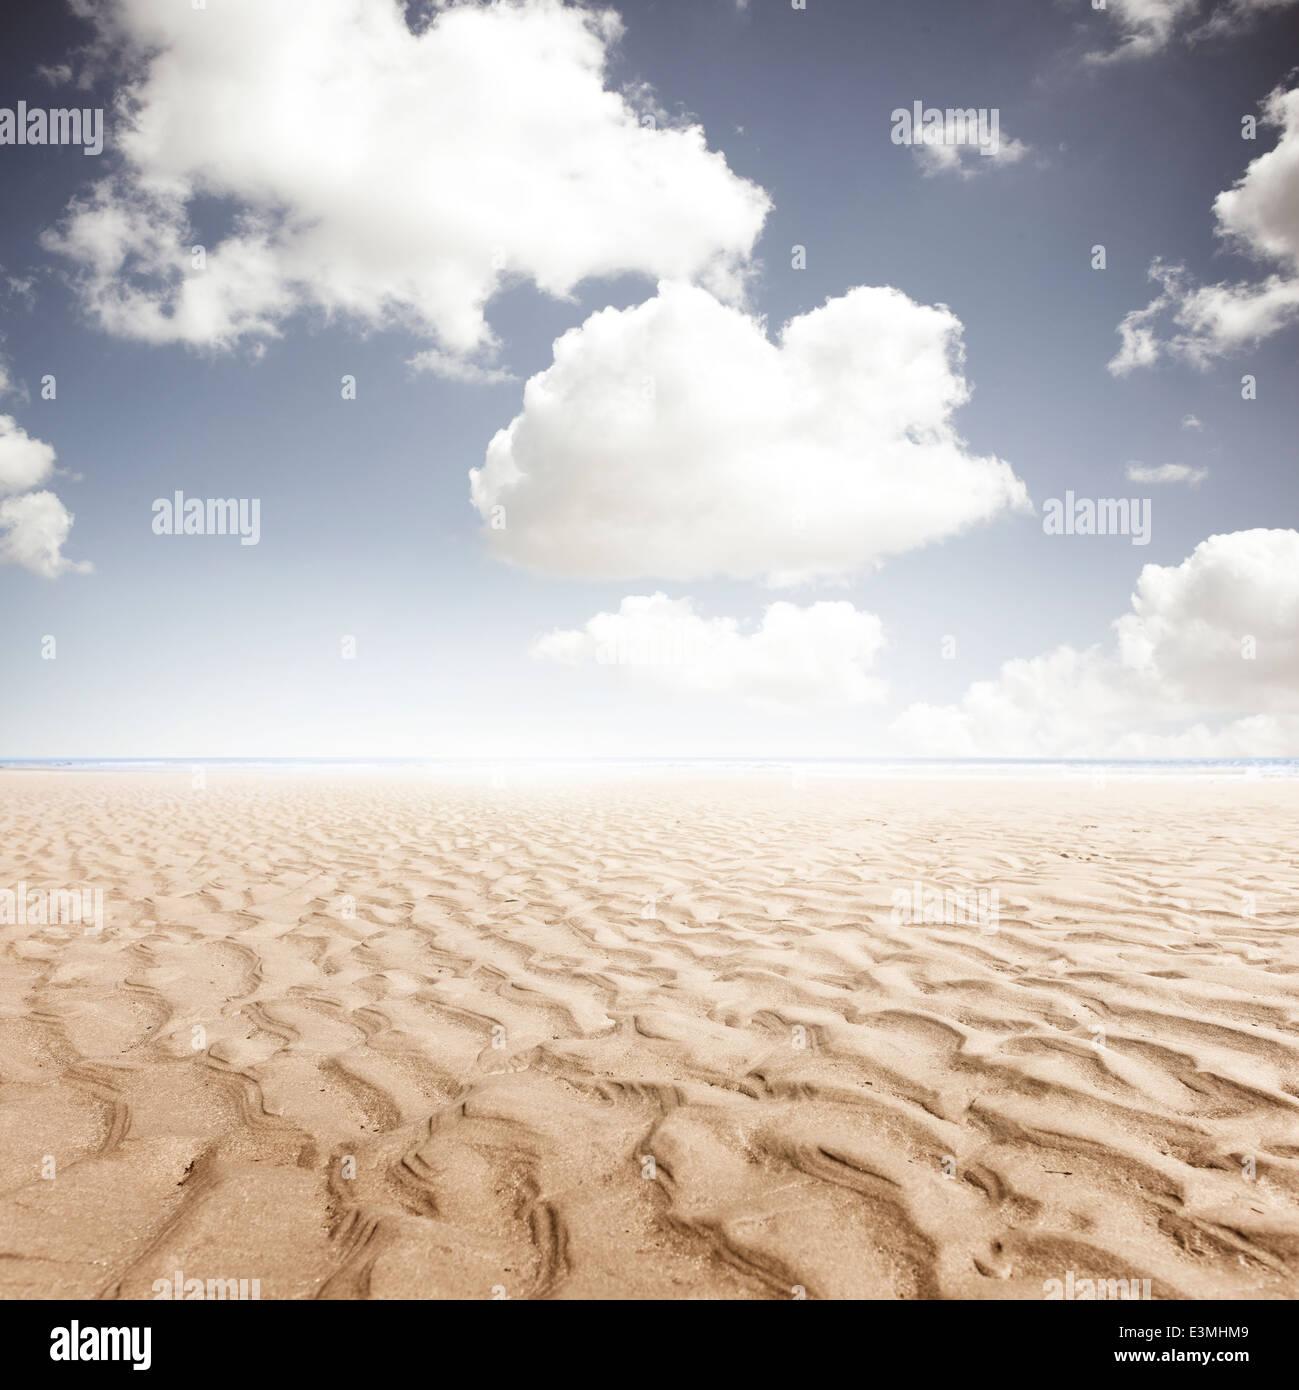 Fond de plage avec des ondulations dans le sable. Photo Stock